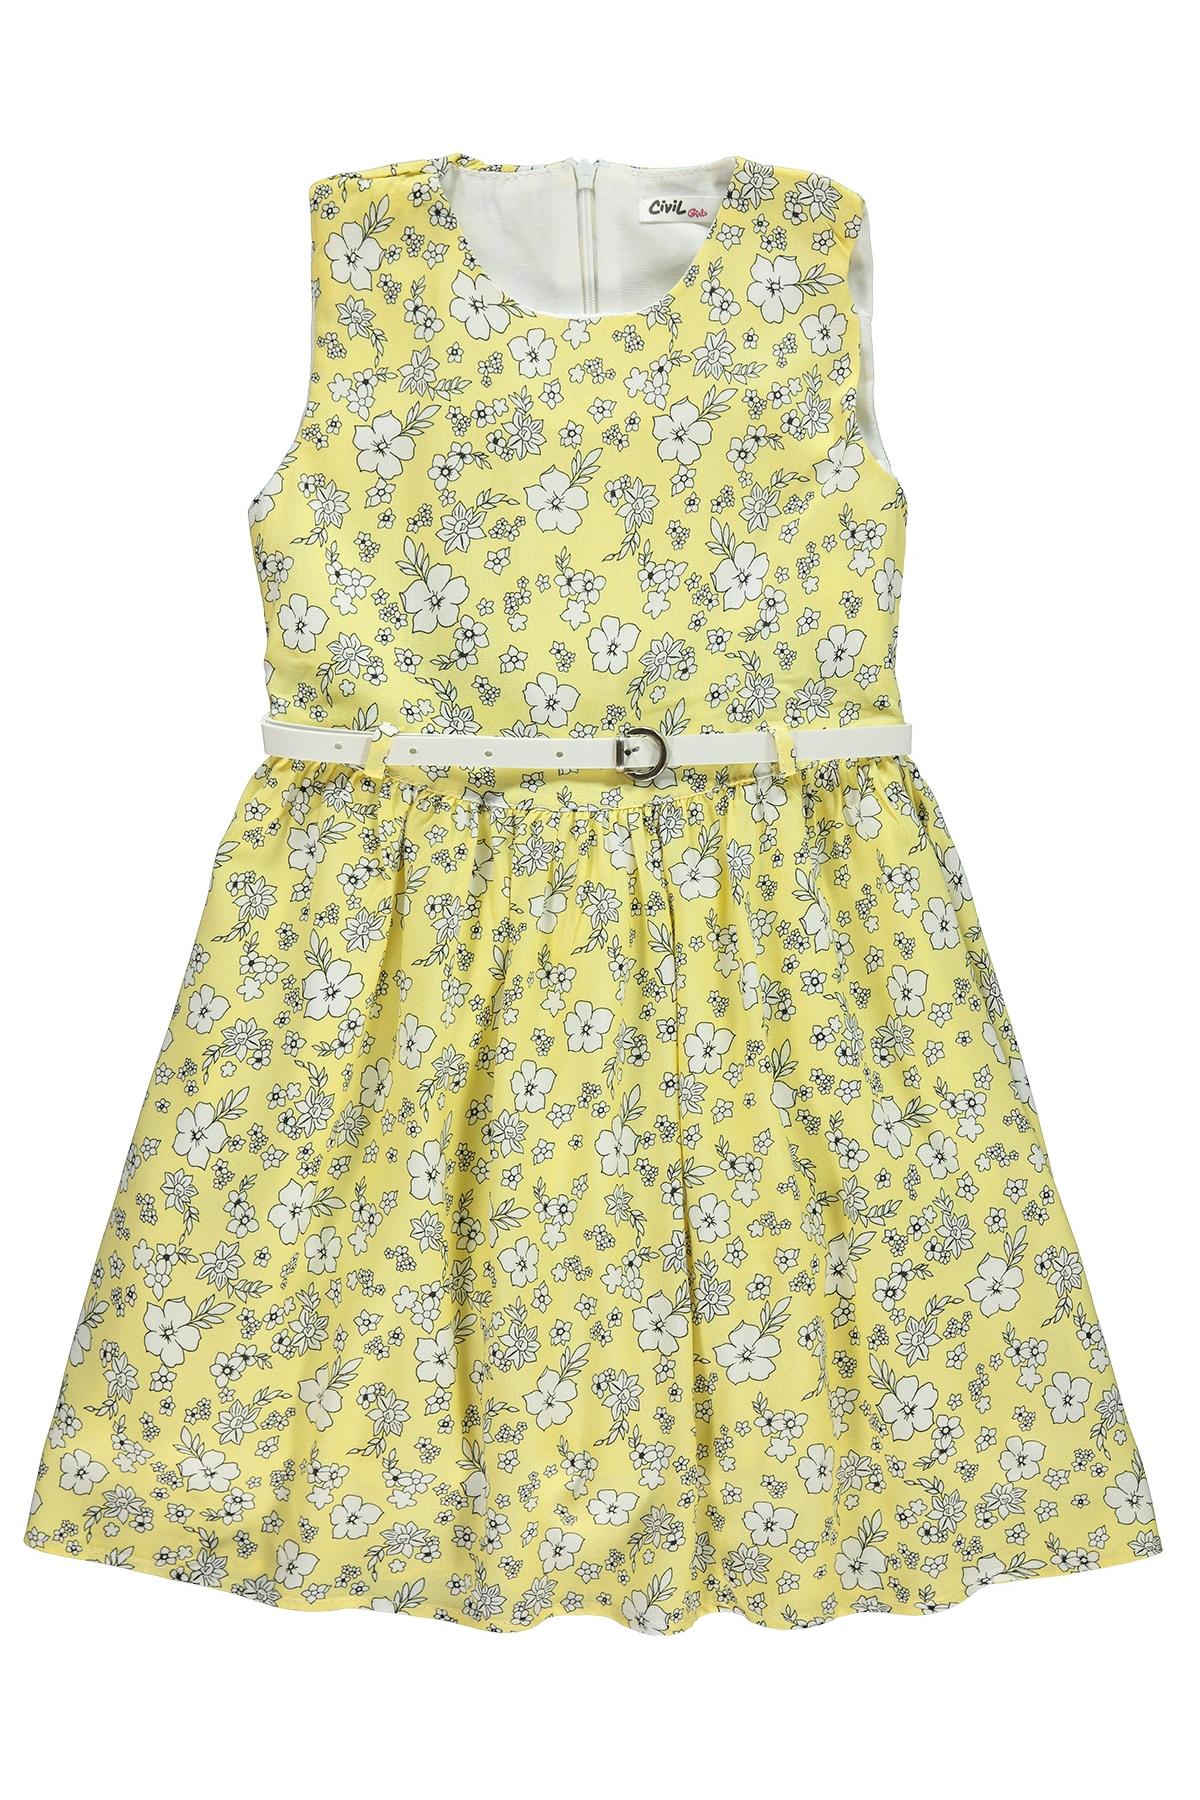 Kız Çocuk Elbise ve Jile Fiyatları